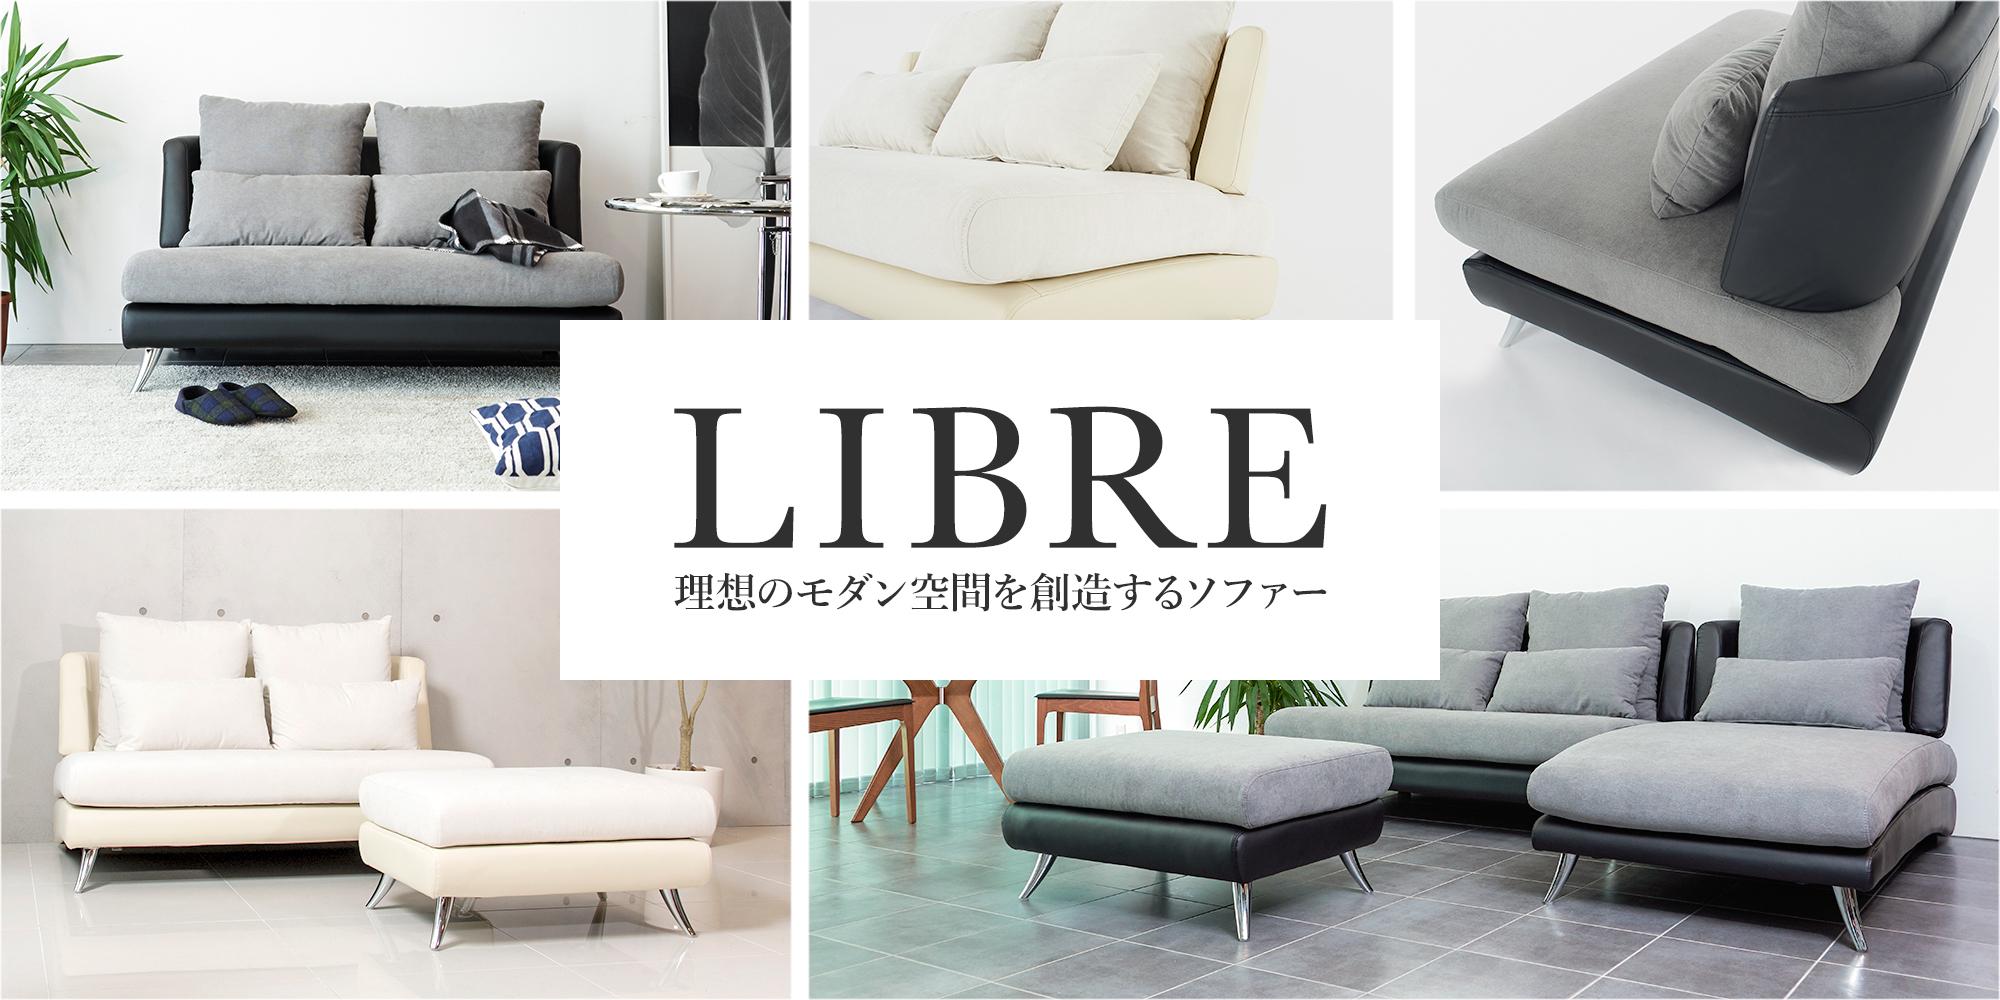 楽天ソファー専門店|ソファーラボ(sofa labo) 公式サイト